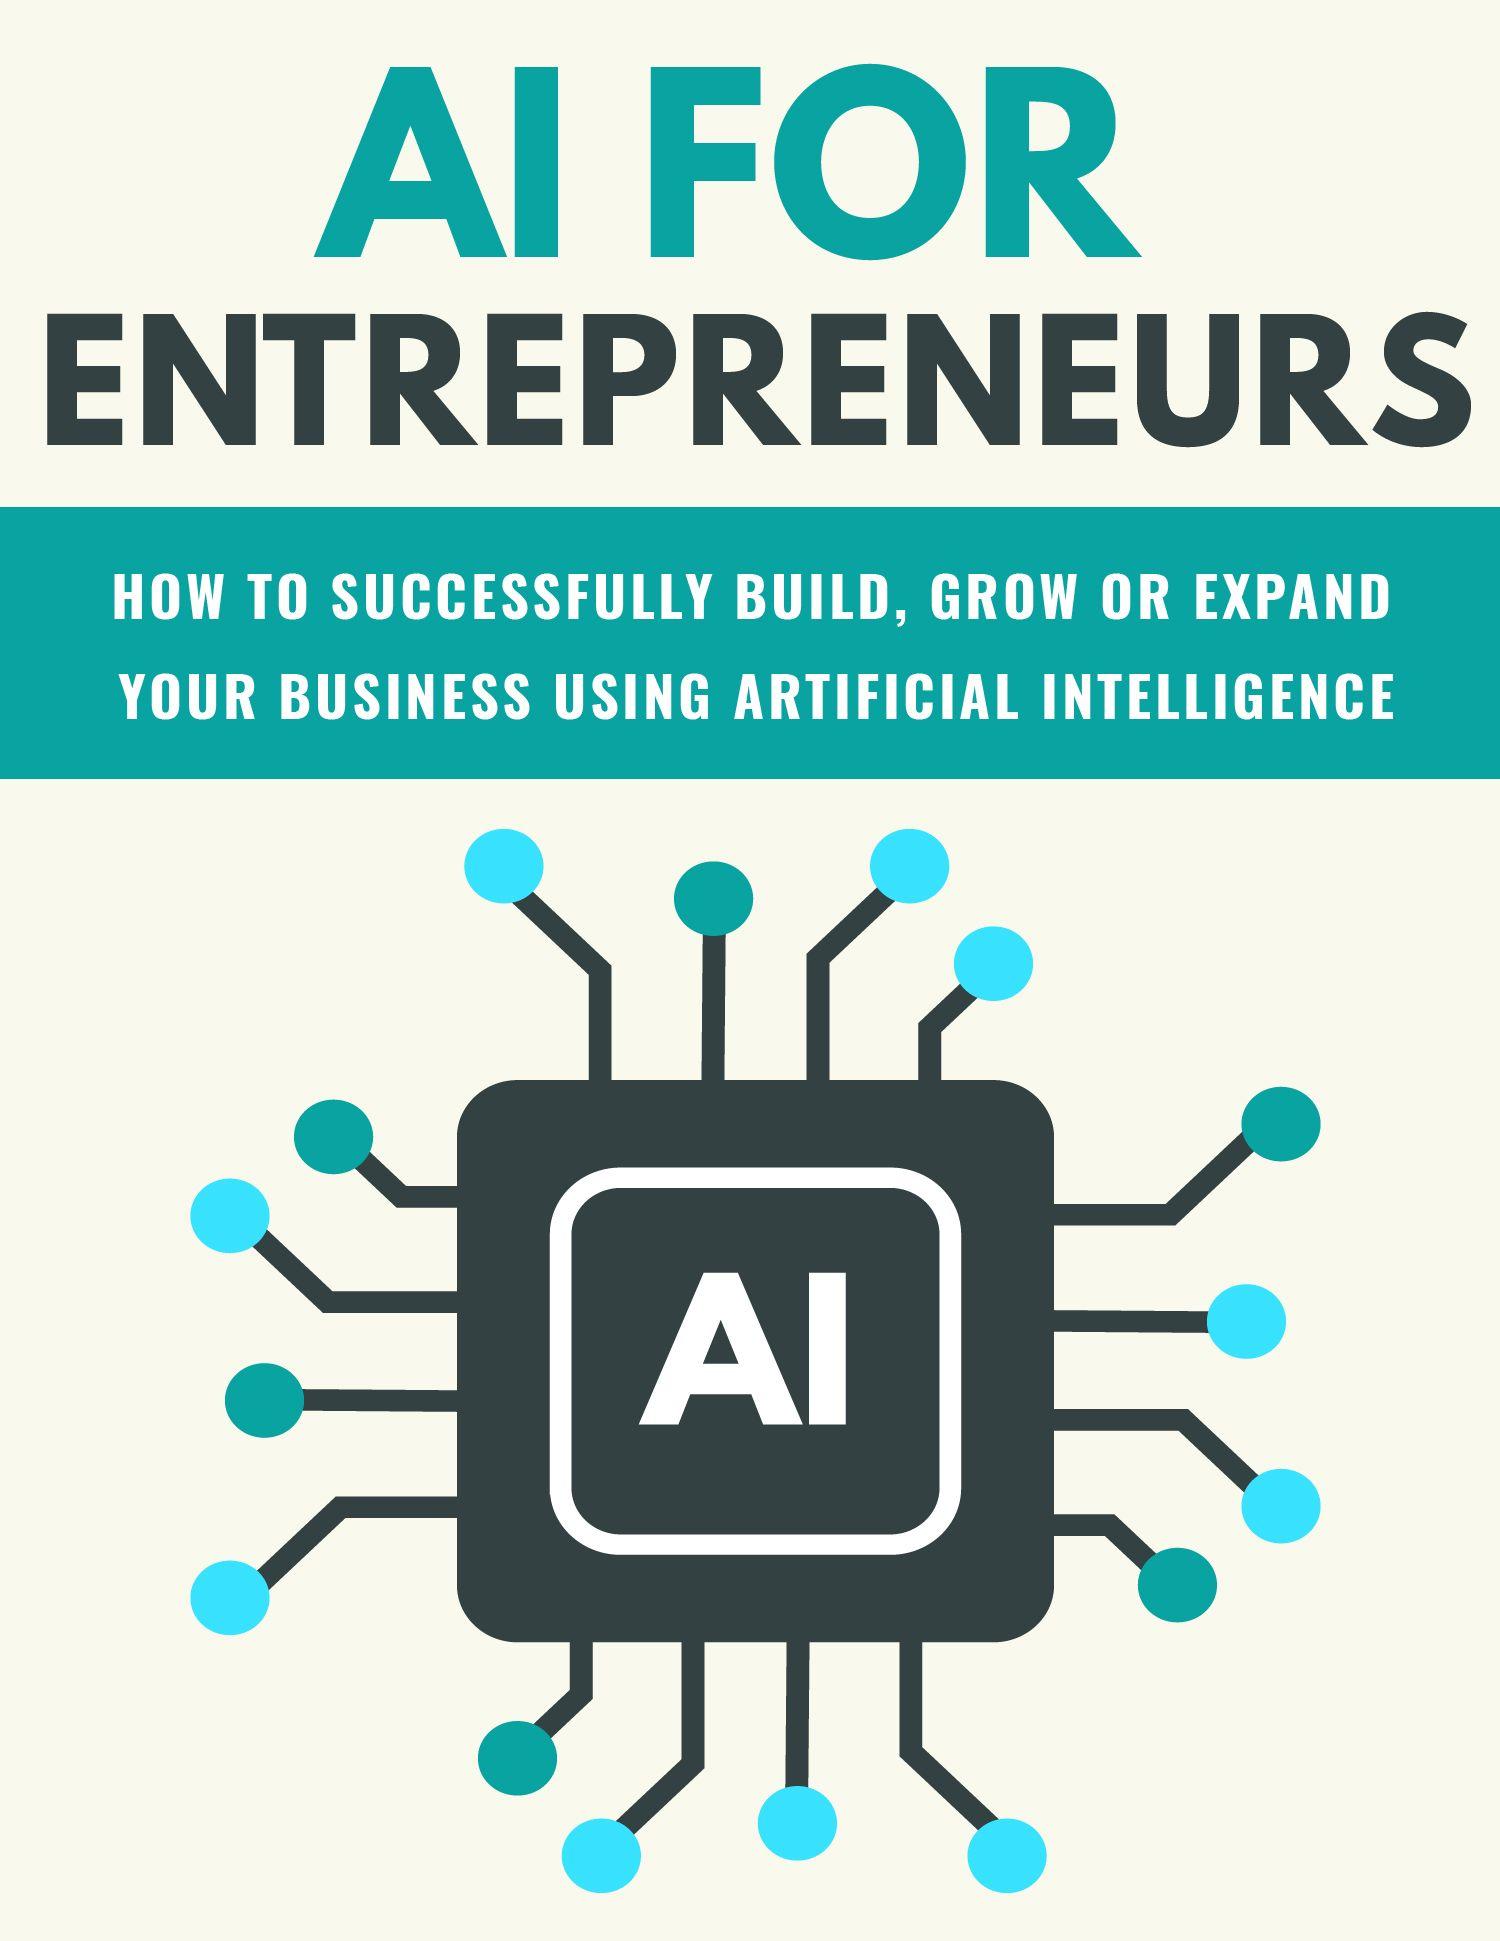 AI For Entrepreneurs eBook's Book Image